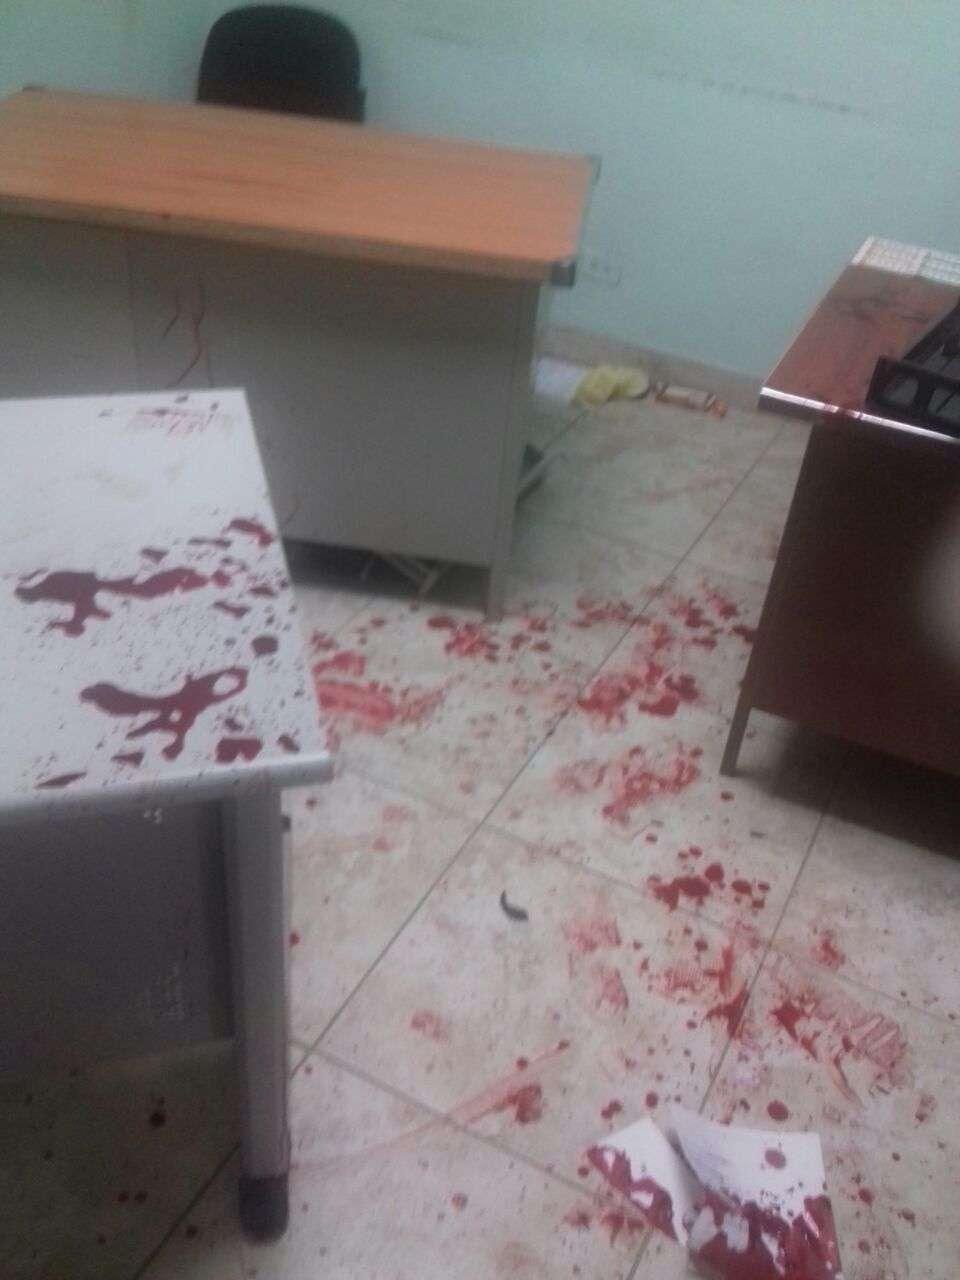 Por este hecho una mujer de 52 años que se había cortado a la altura de las muñecas está bajo custodia en un hospital. Foto: Ilustrativa